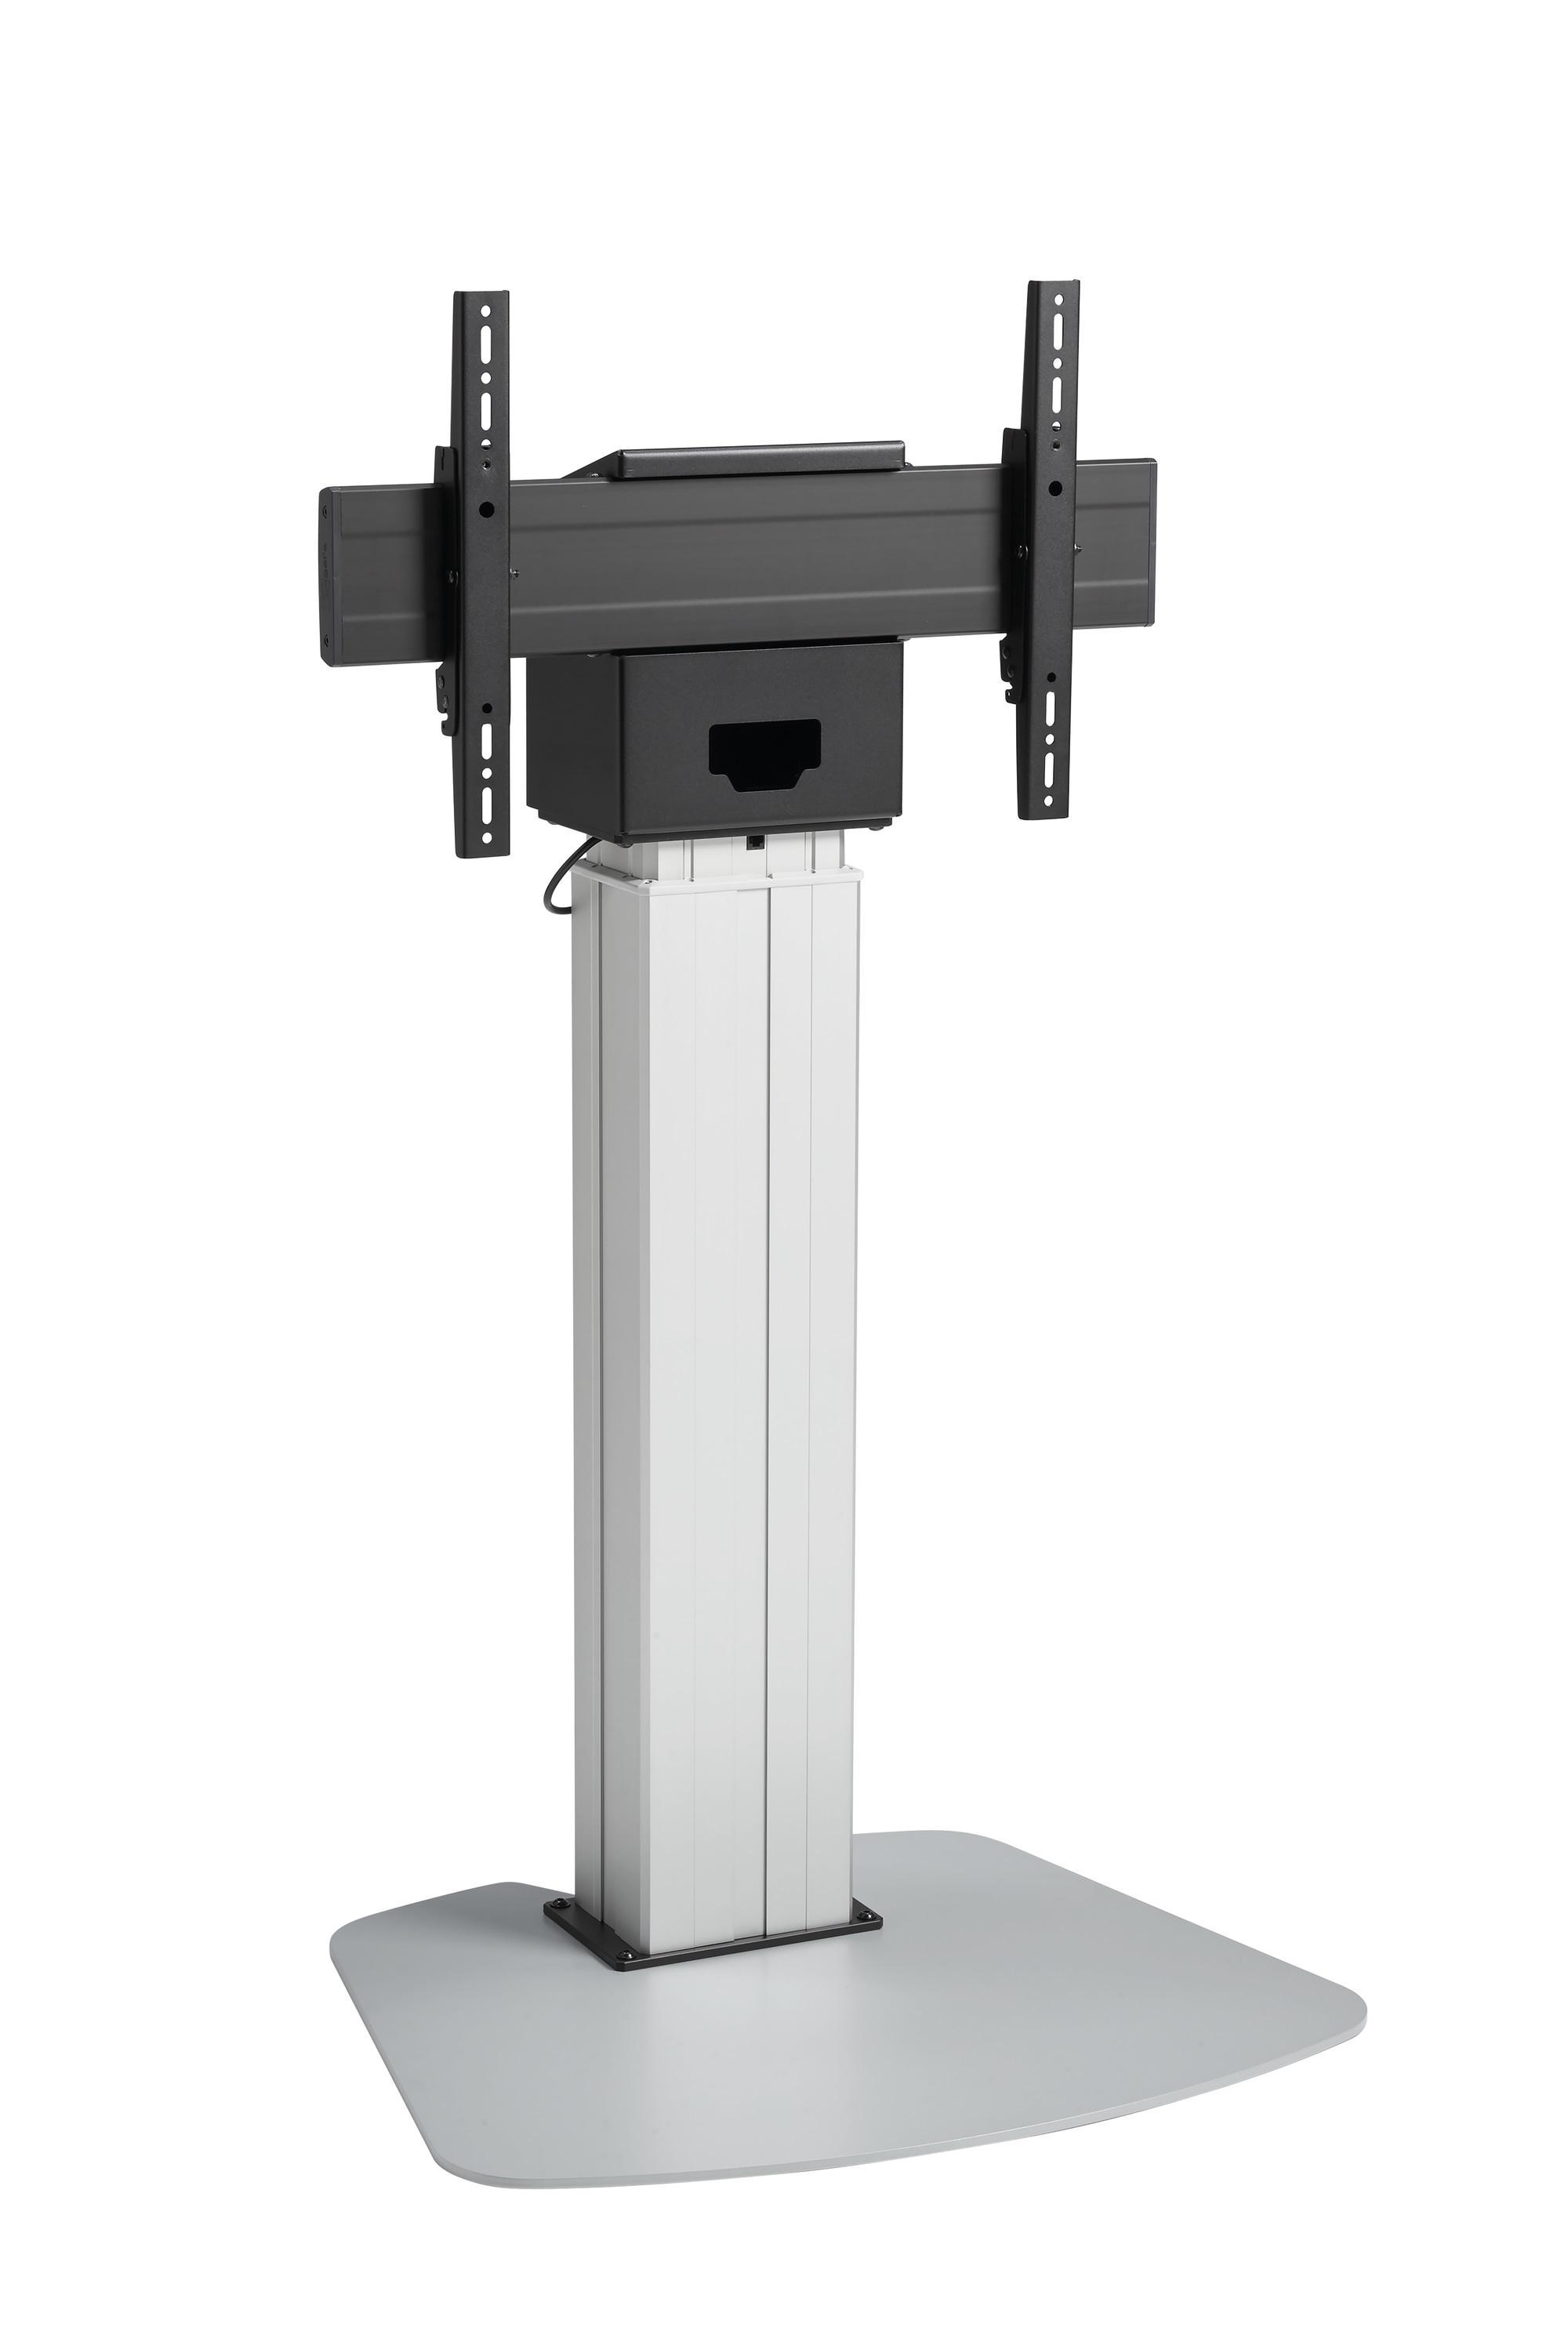 new styles 0d456 b2c02 Vogel's FE 3164S Motorized floor stand TV standaard - Zilver